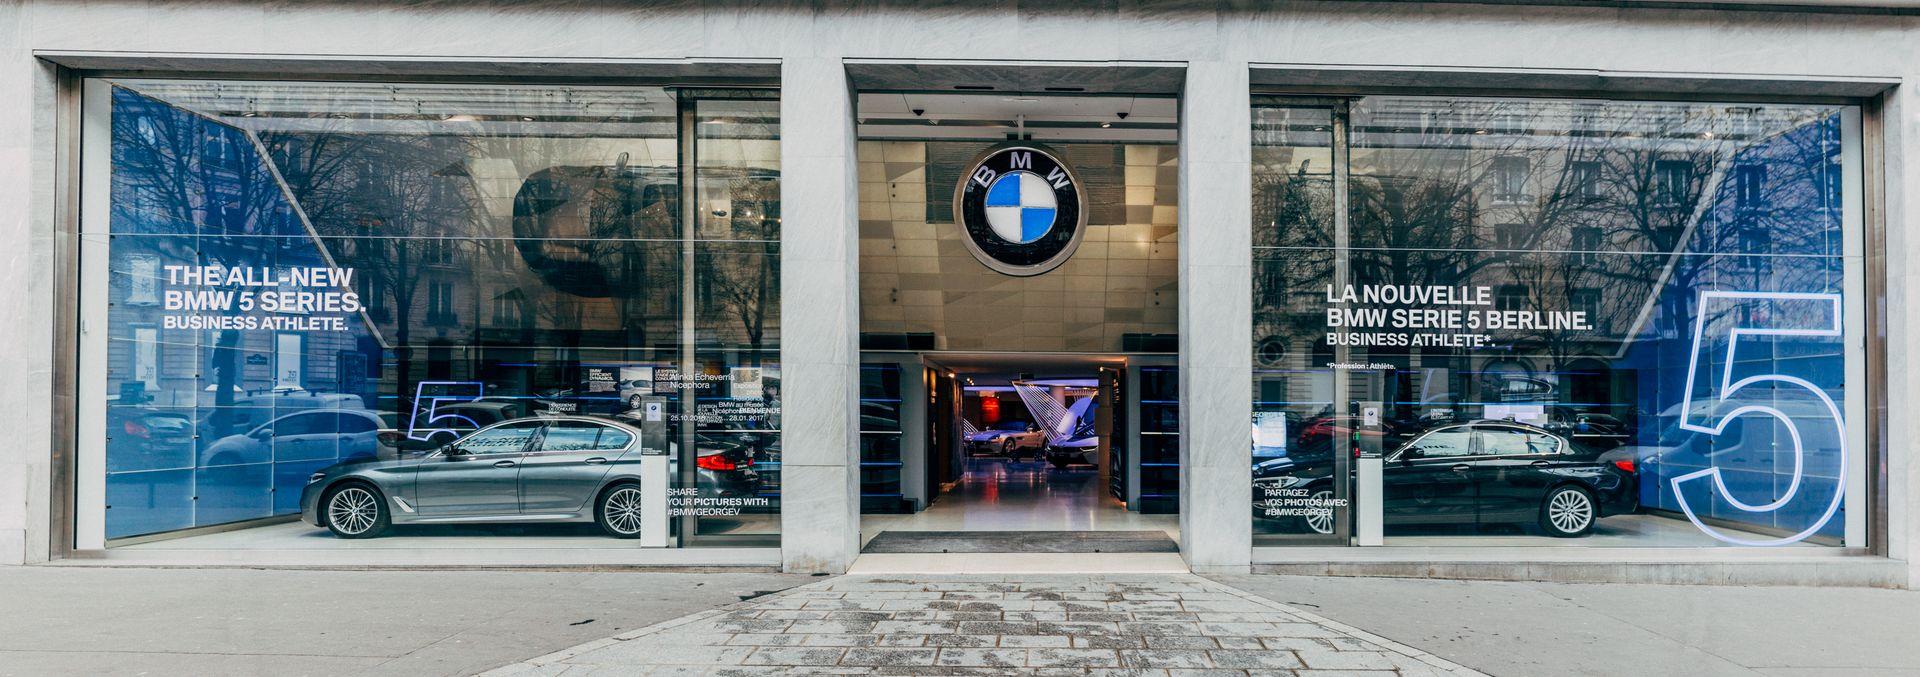 Brand Store BMW George V   Vitrine BMW SeÃÅrie 5 2017 11 1080